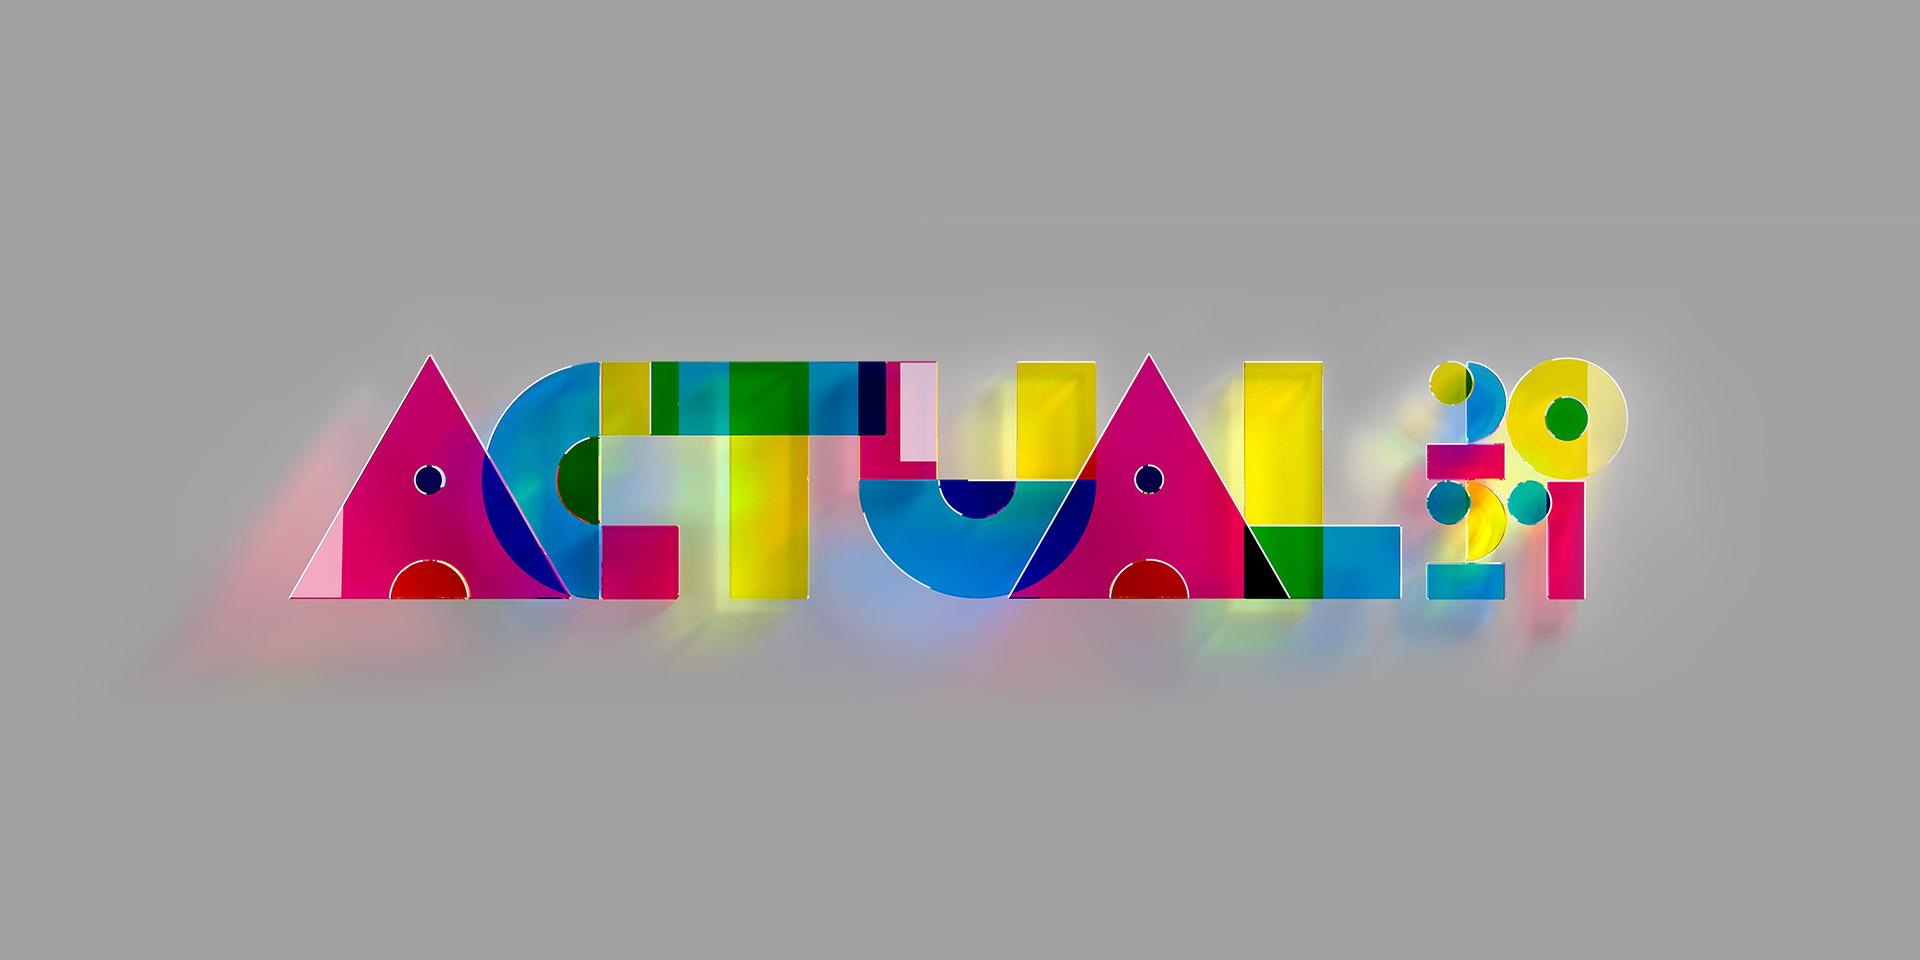 Logotipo ACTUAL 2021